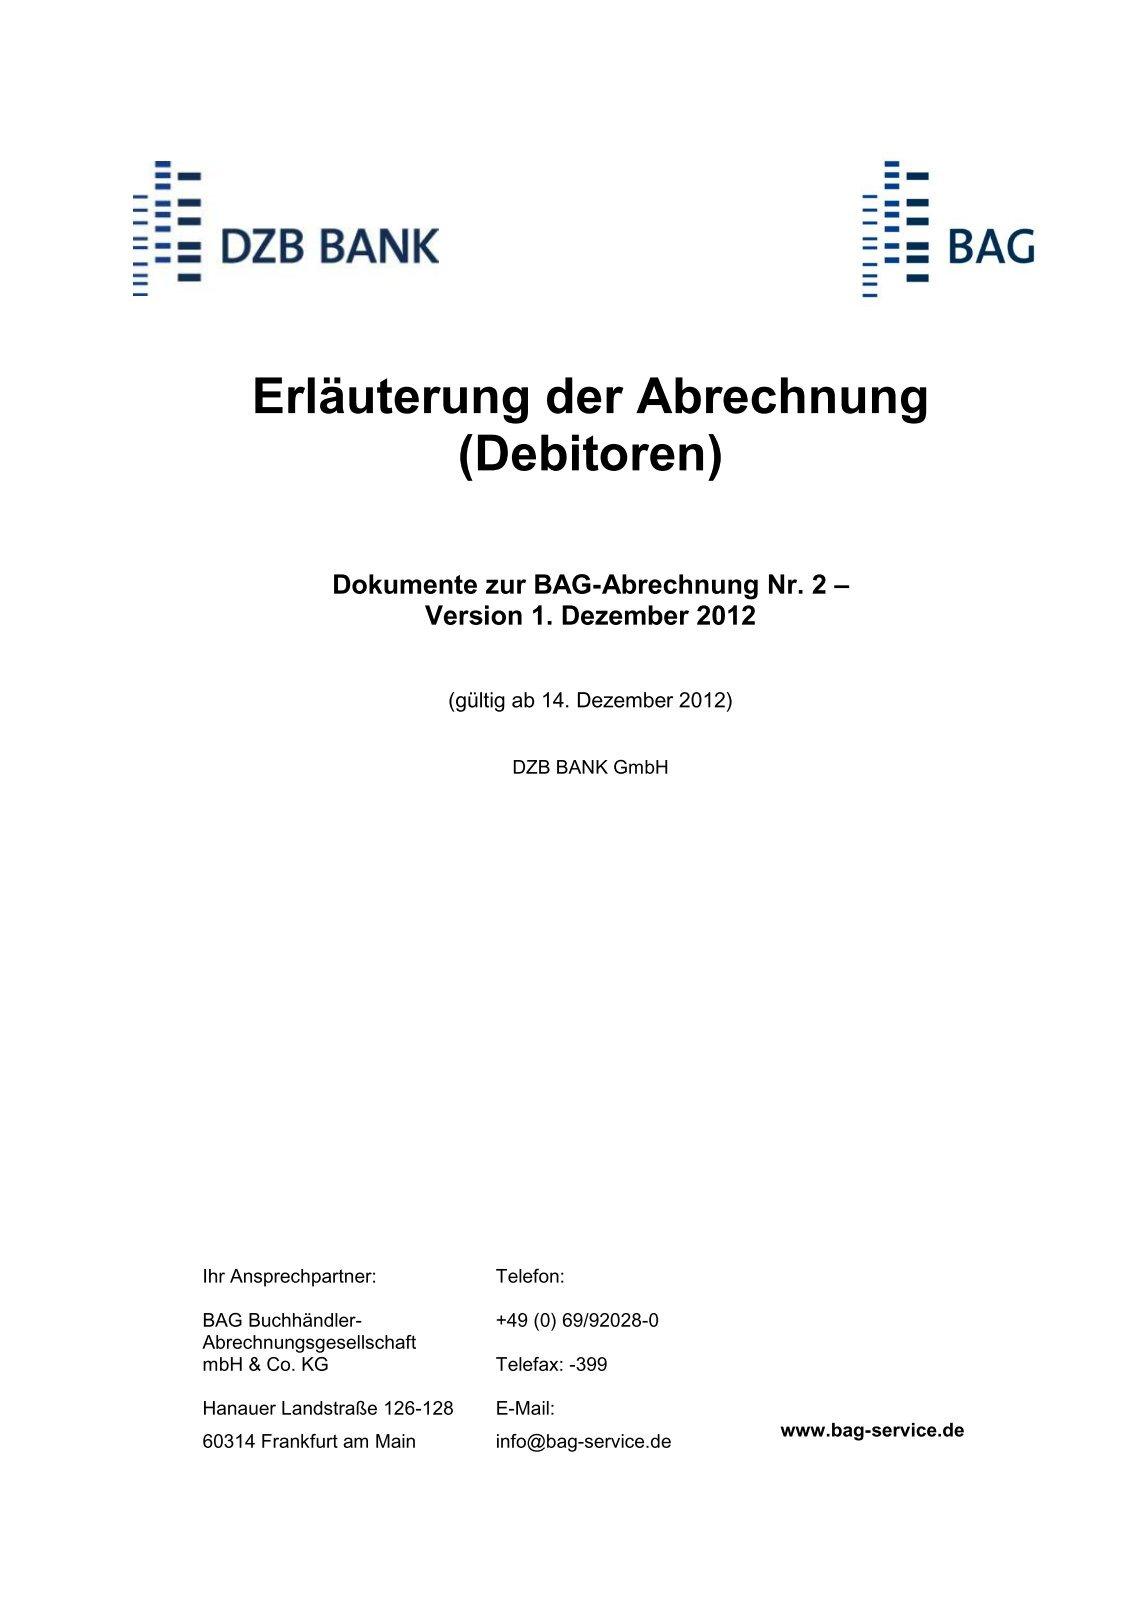 Charmant Medizinische Kodierung Zertifizierung Galerie - Menschliche ...